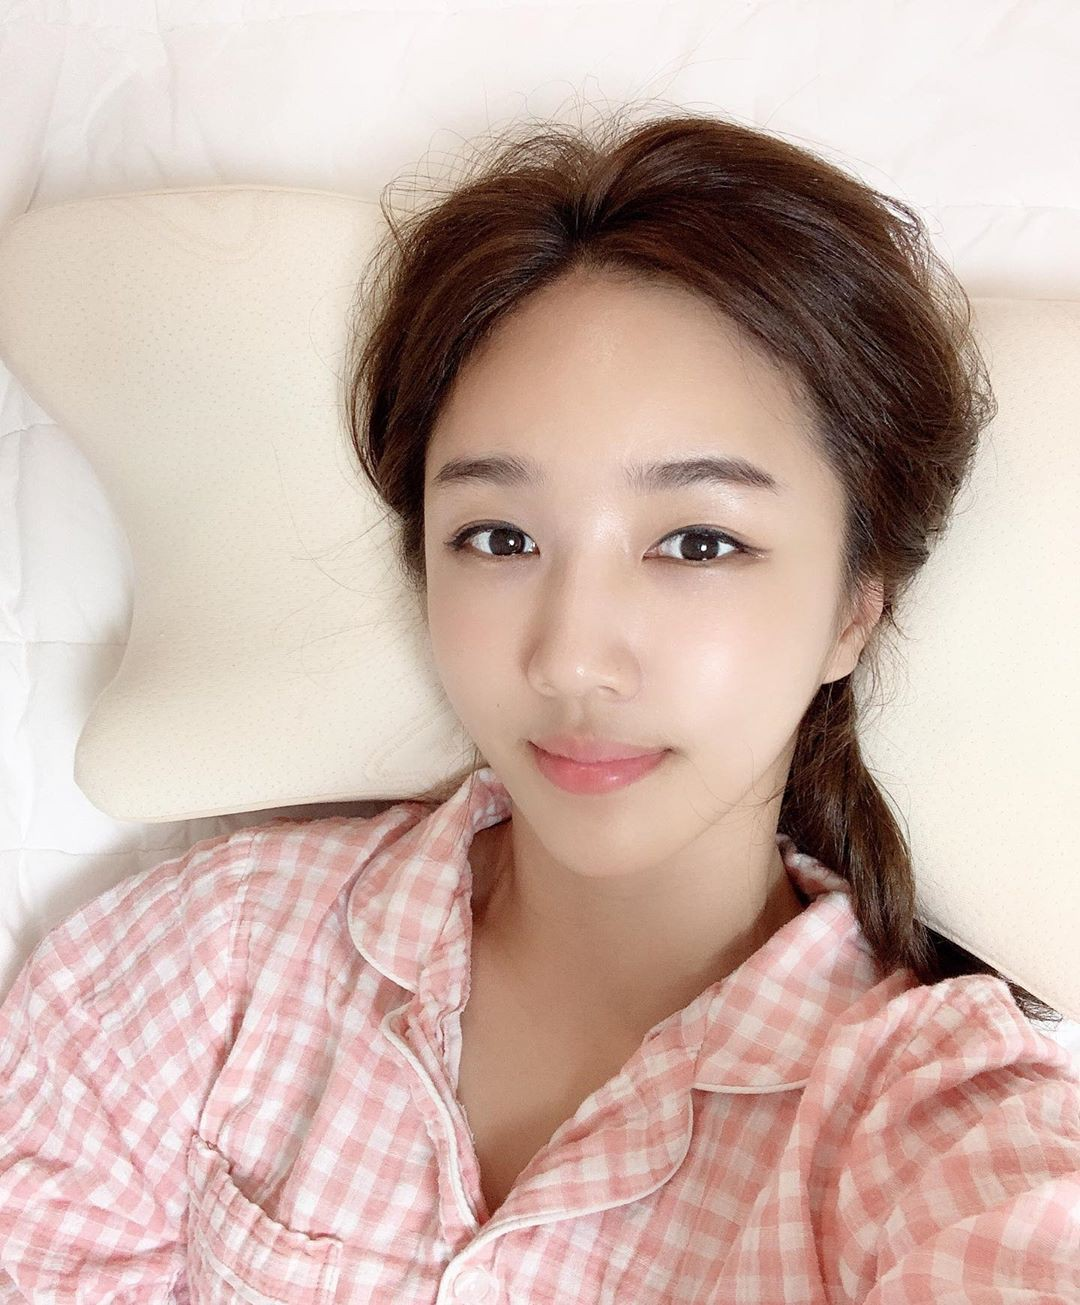 """Quy trình skincare có thể """"thiên biến vạn hóa"""", phụ nữ Hàn vẫn quyết không bỏ 4 bước sau để sở hữu làn da triệu người mê - Ảnh 2."""